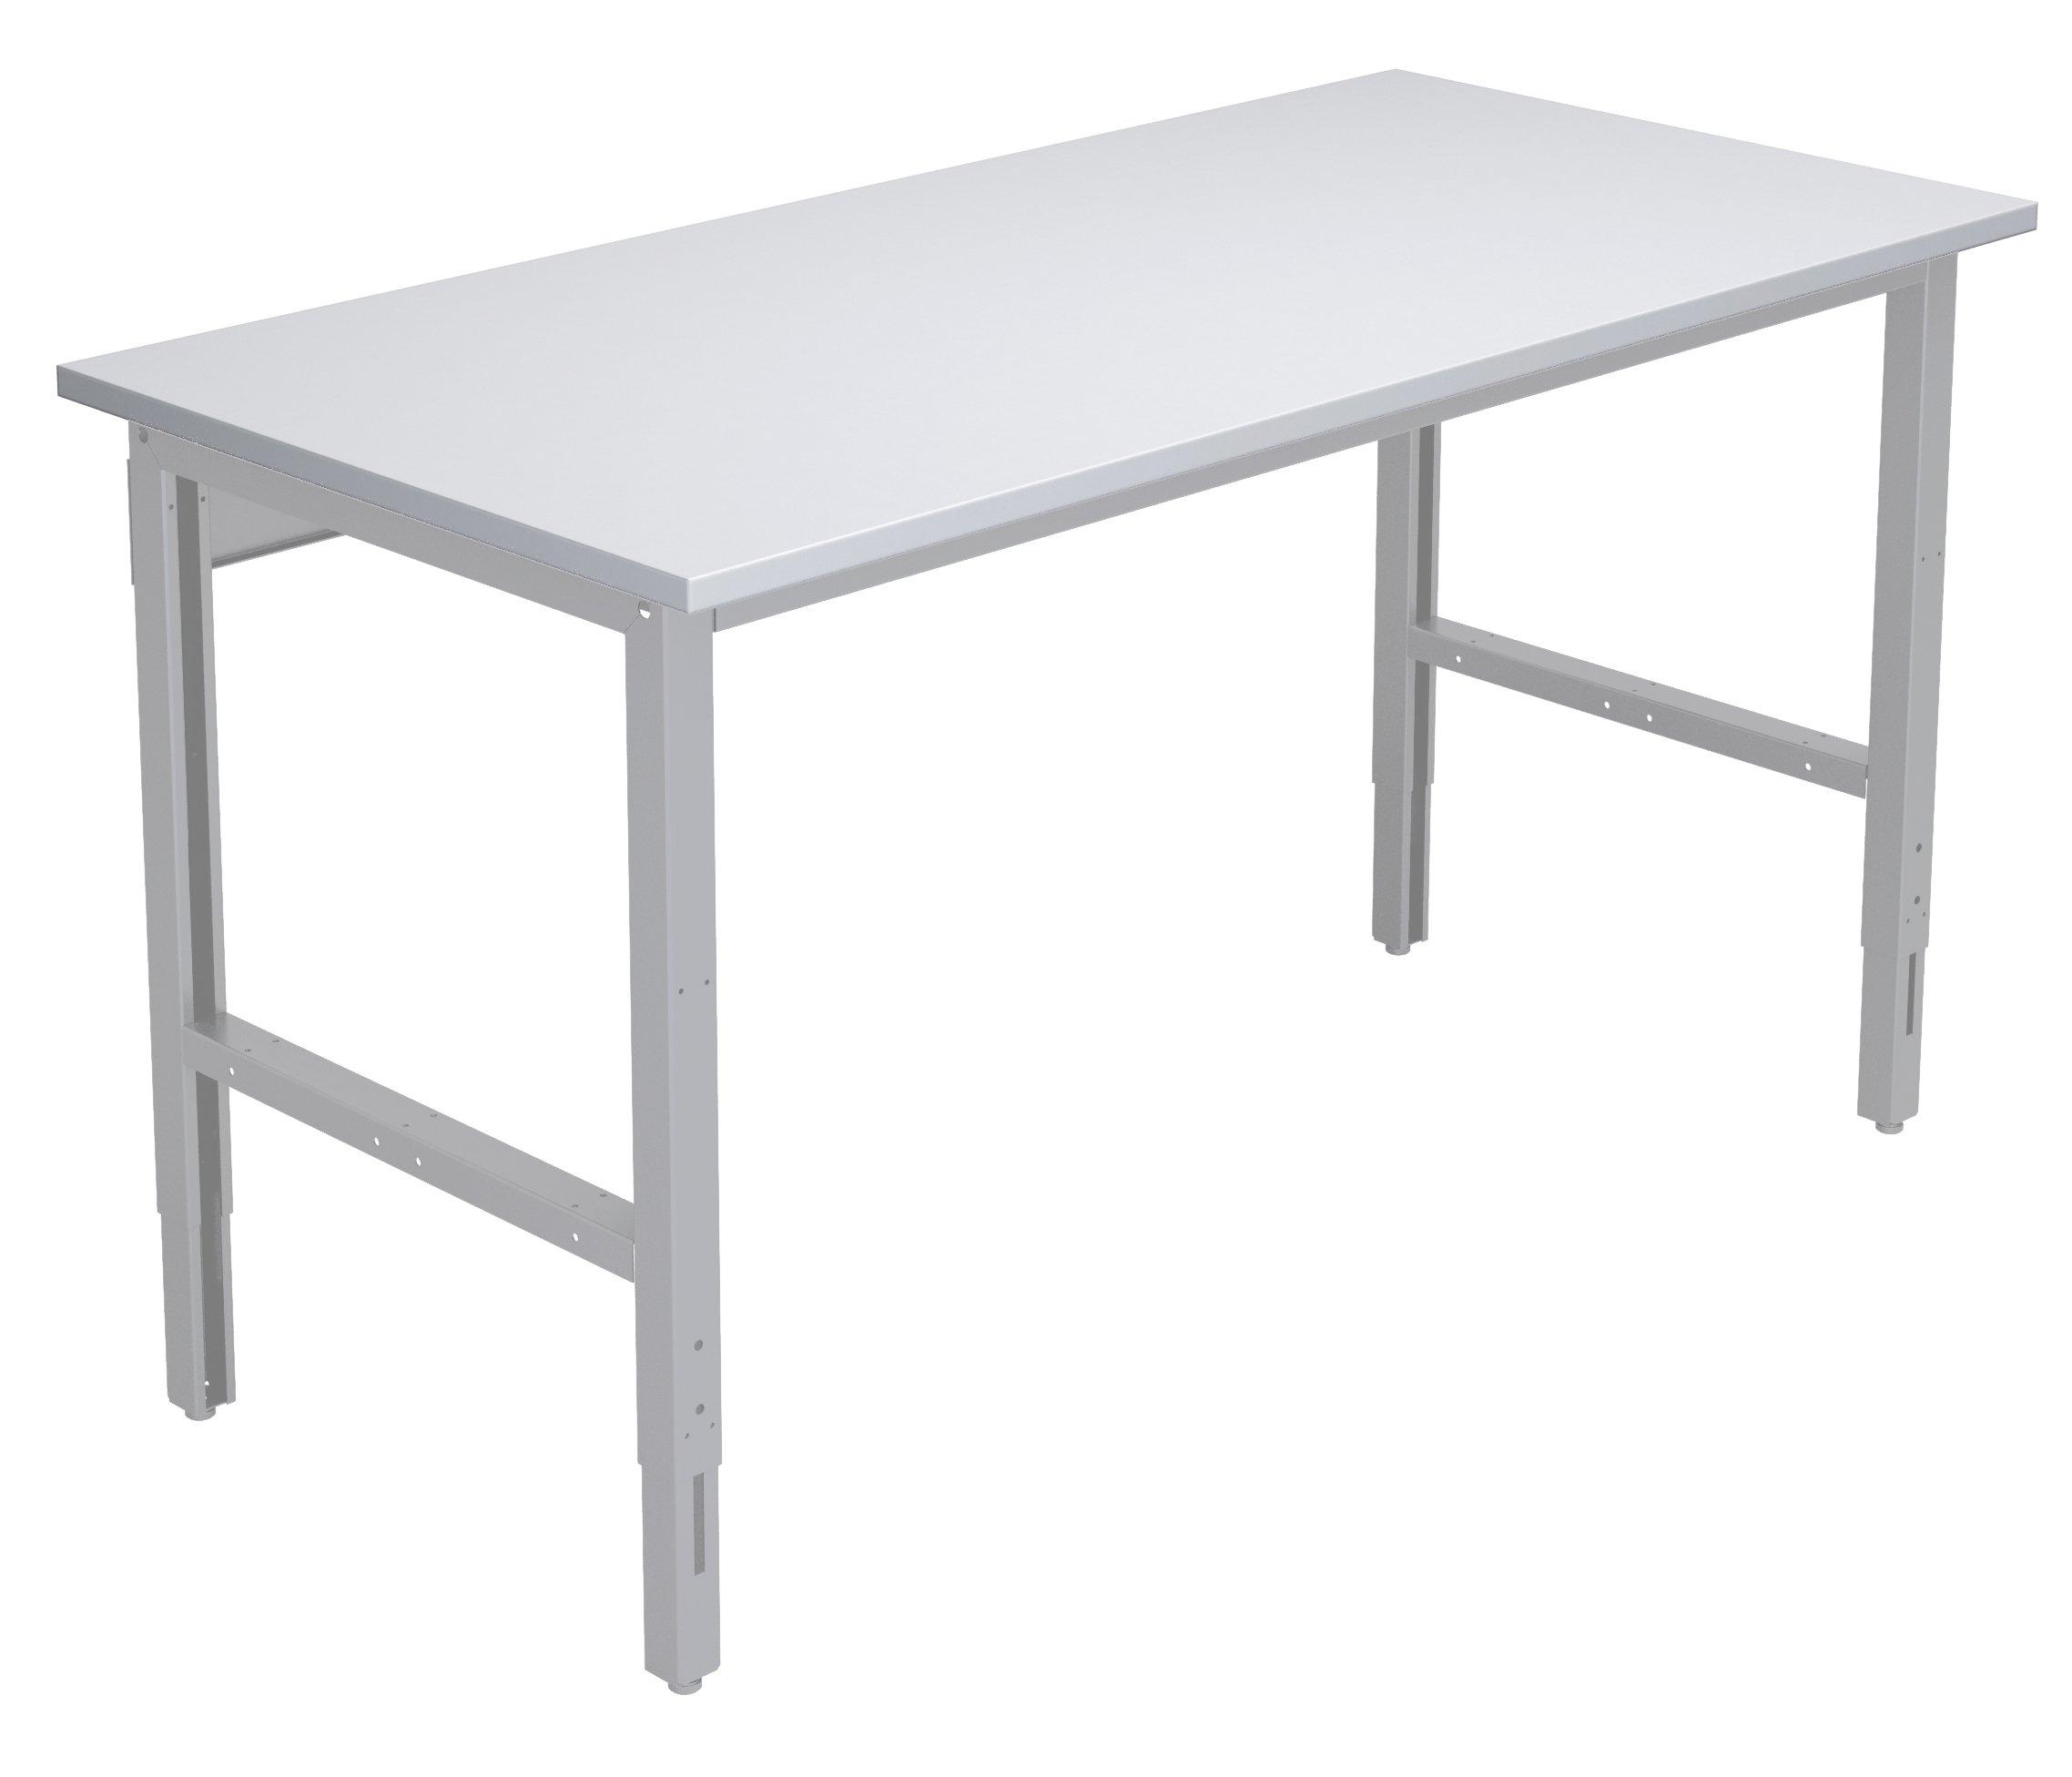 Stół do kompletacji o szerokości 1550 mm z ręczną regulacją wysokości